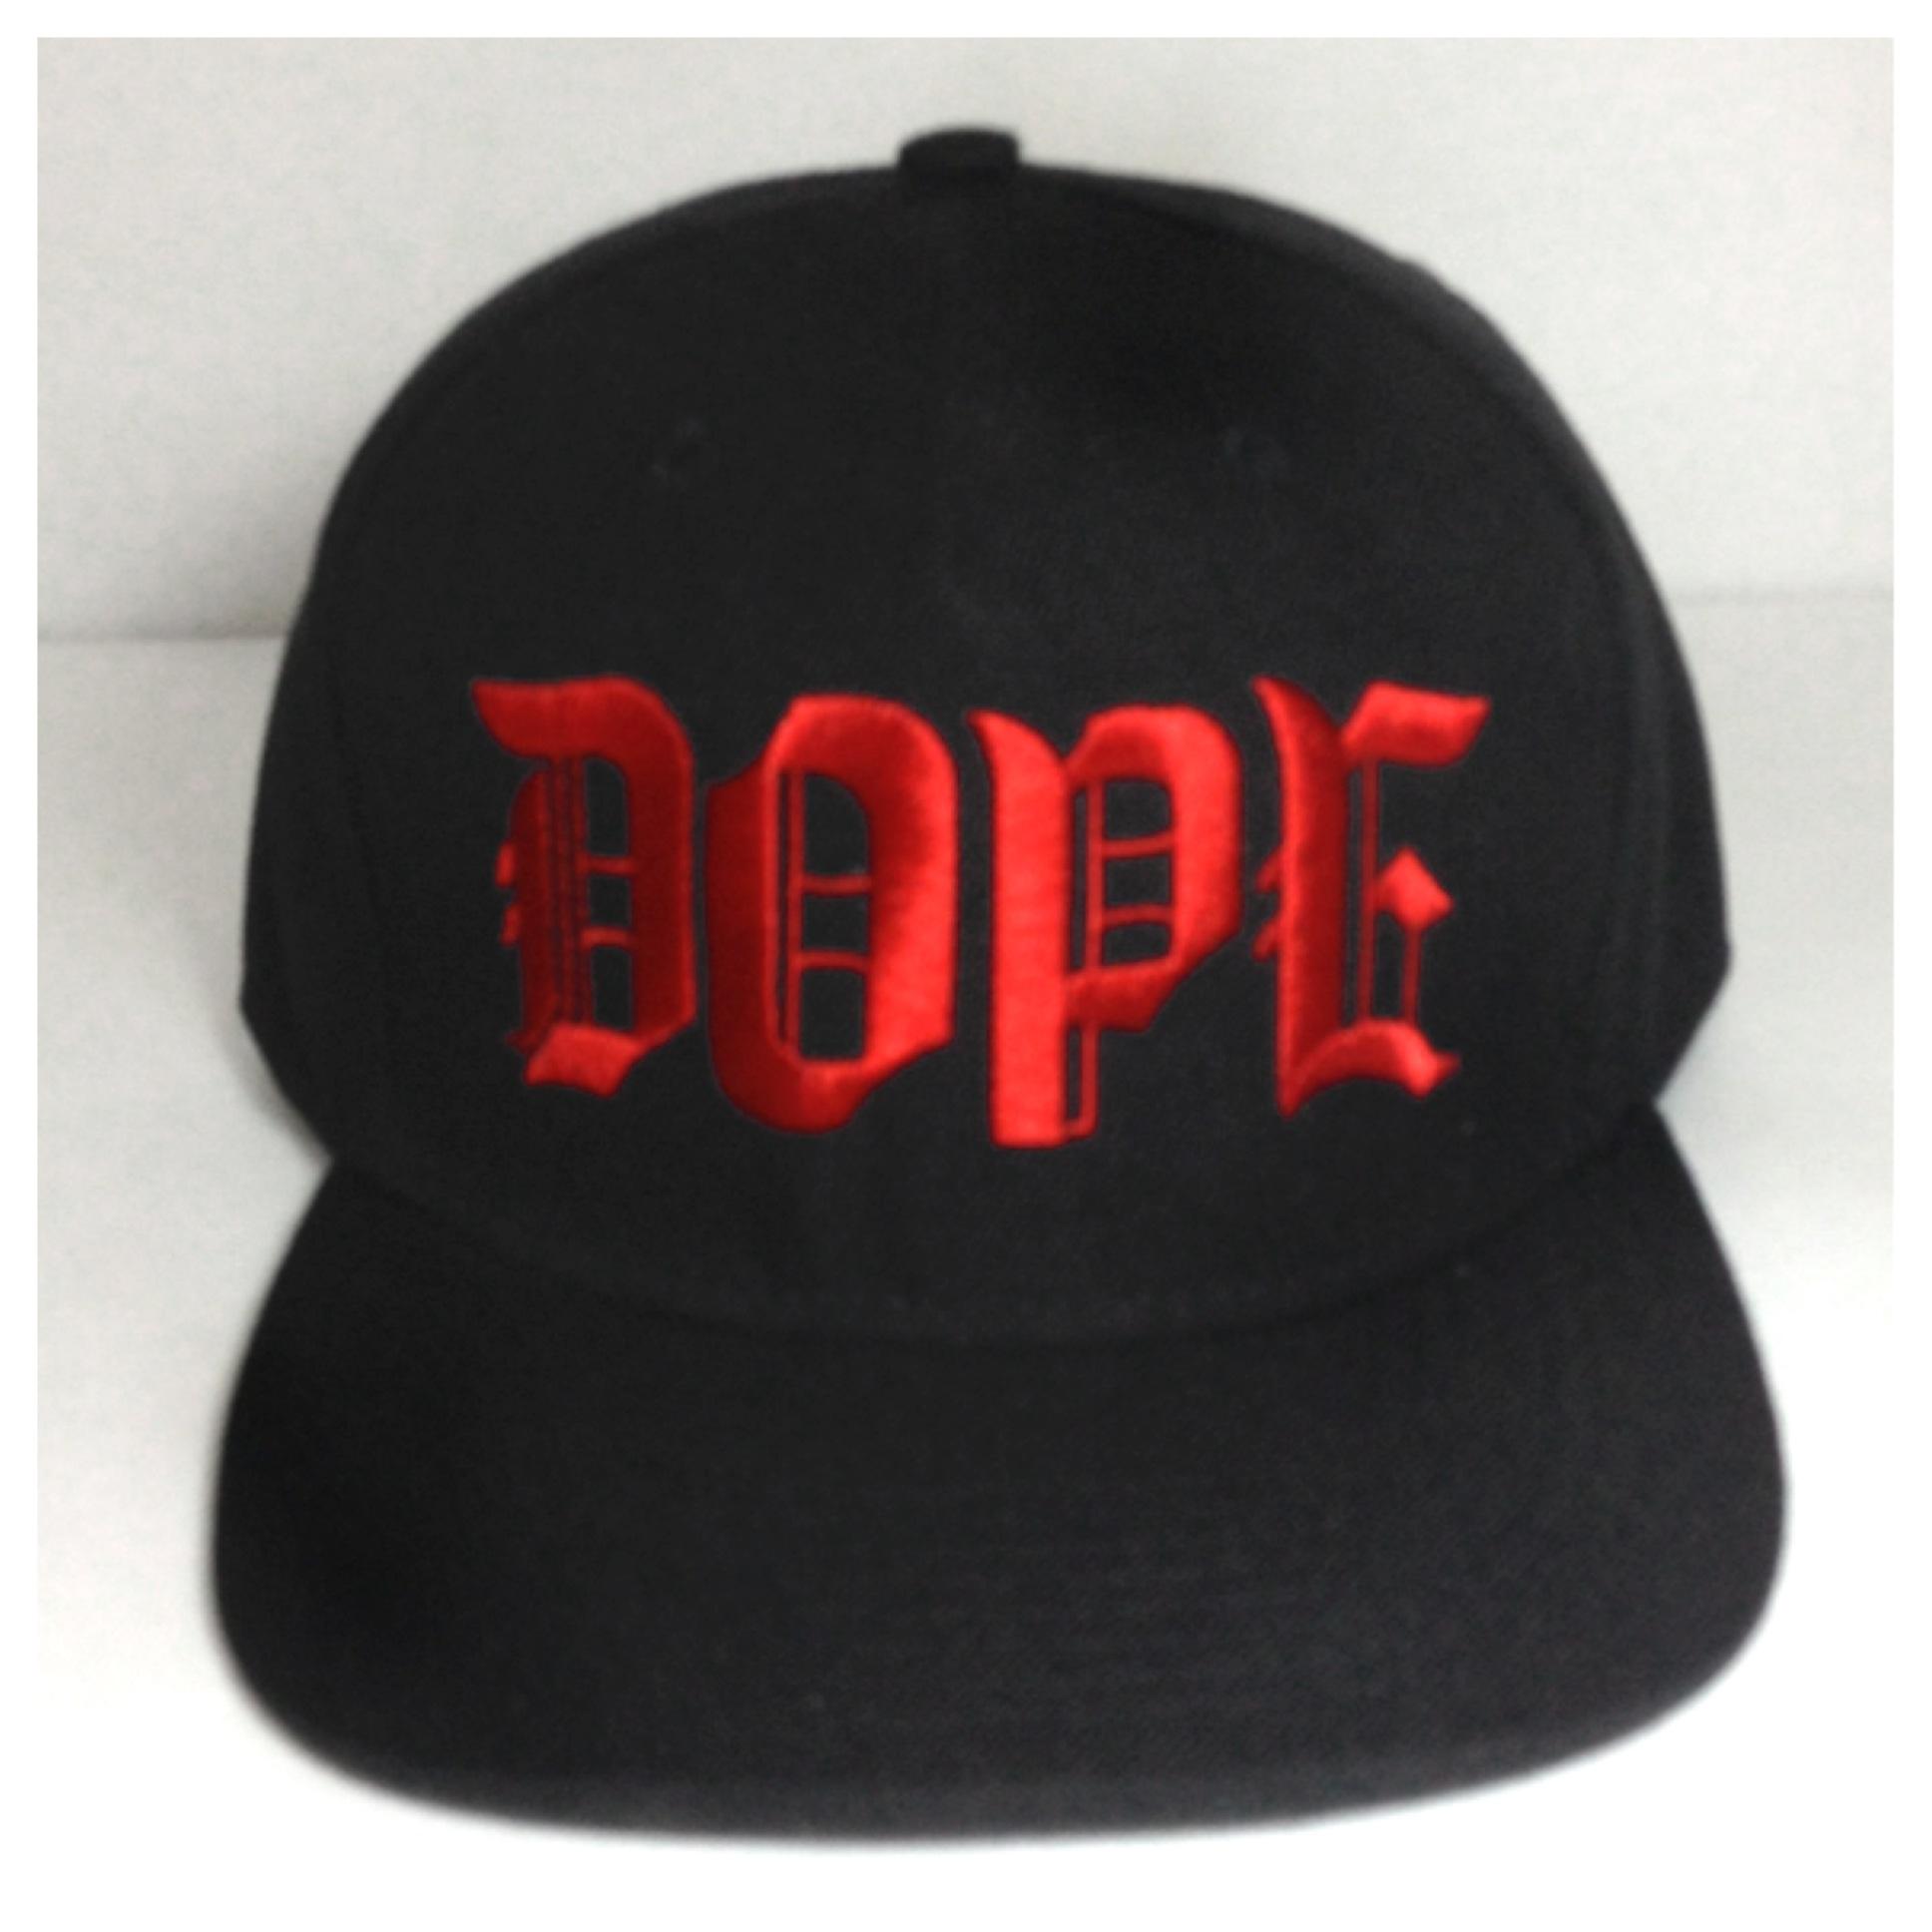 ... promo code 005 dope snapback hat thumbnail 1 c5673 861c7 2526e11c068